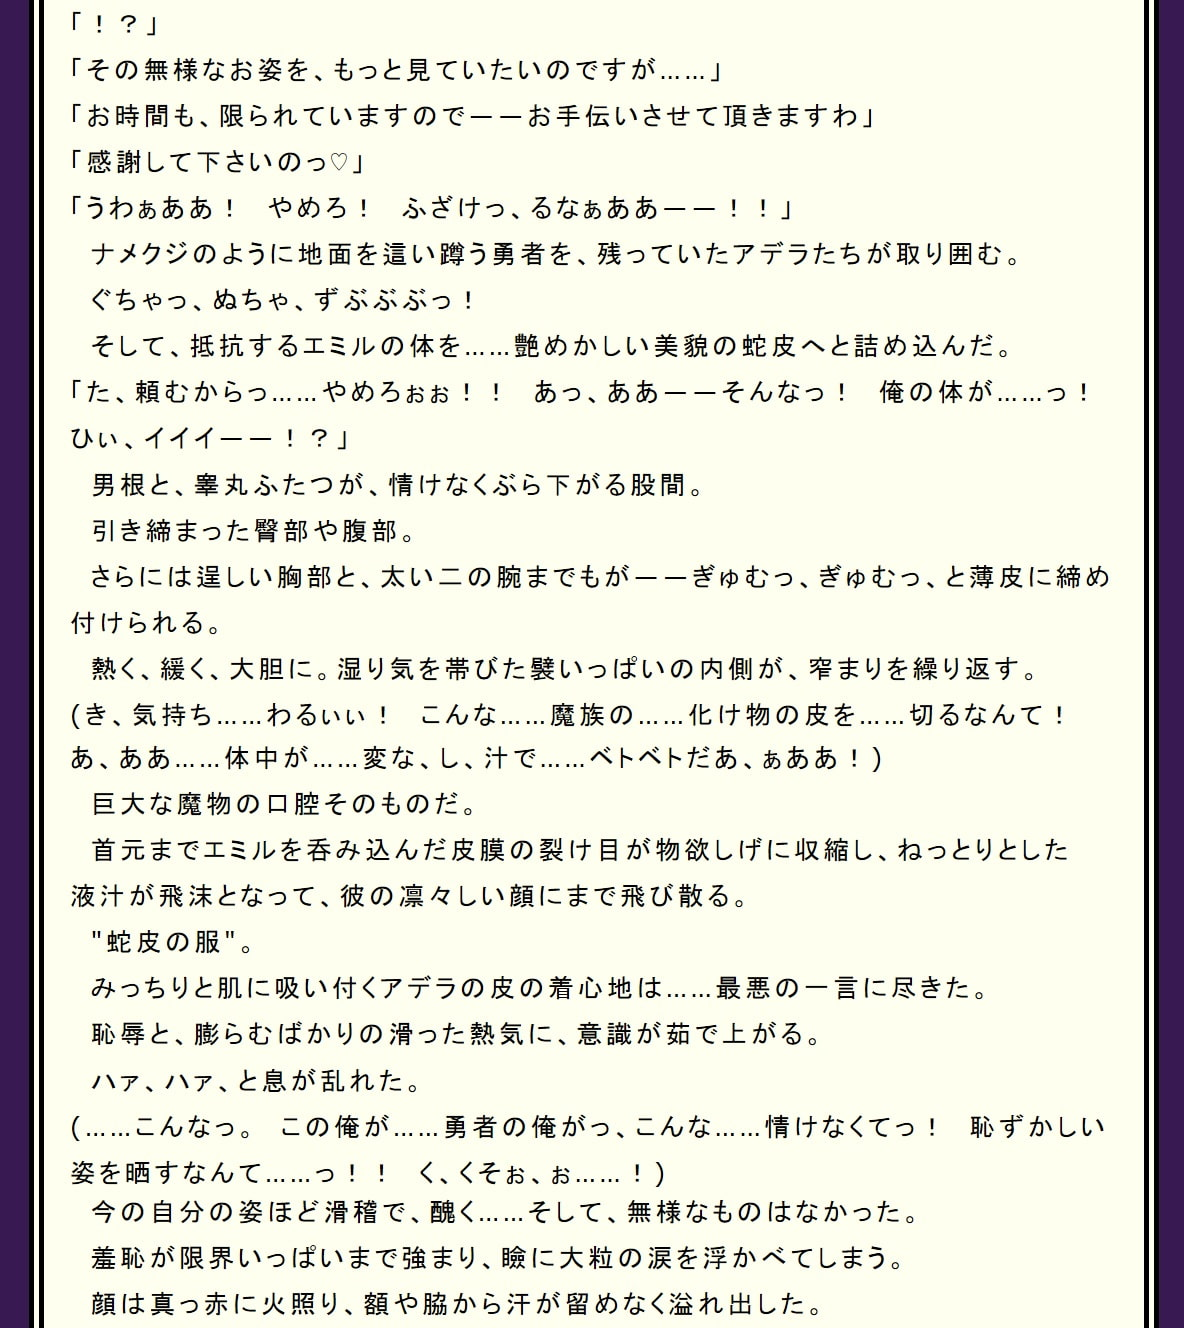 我ら魔王軍~モン娘たちの強襲!!~